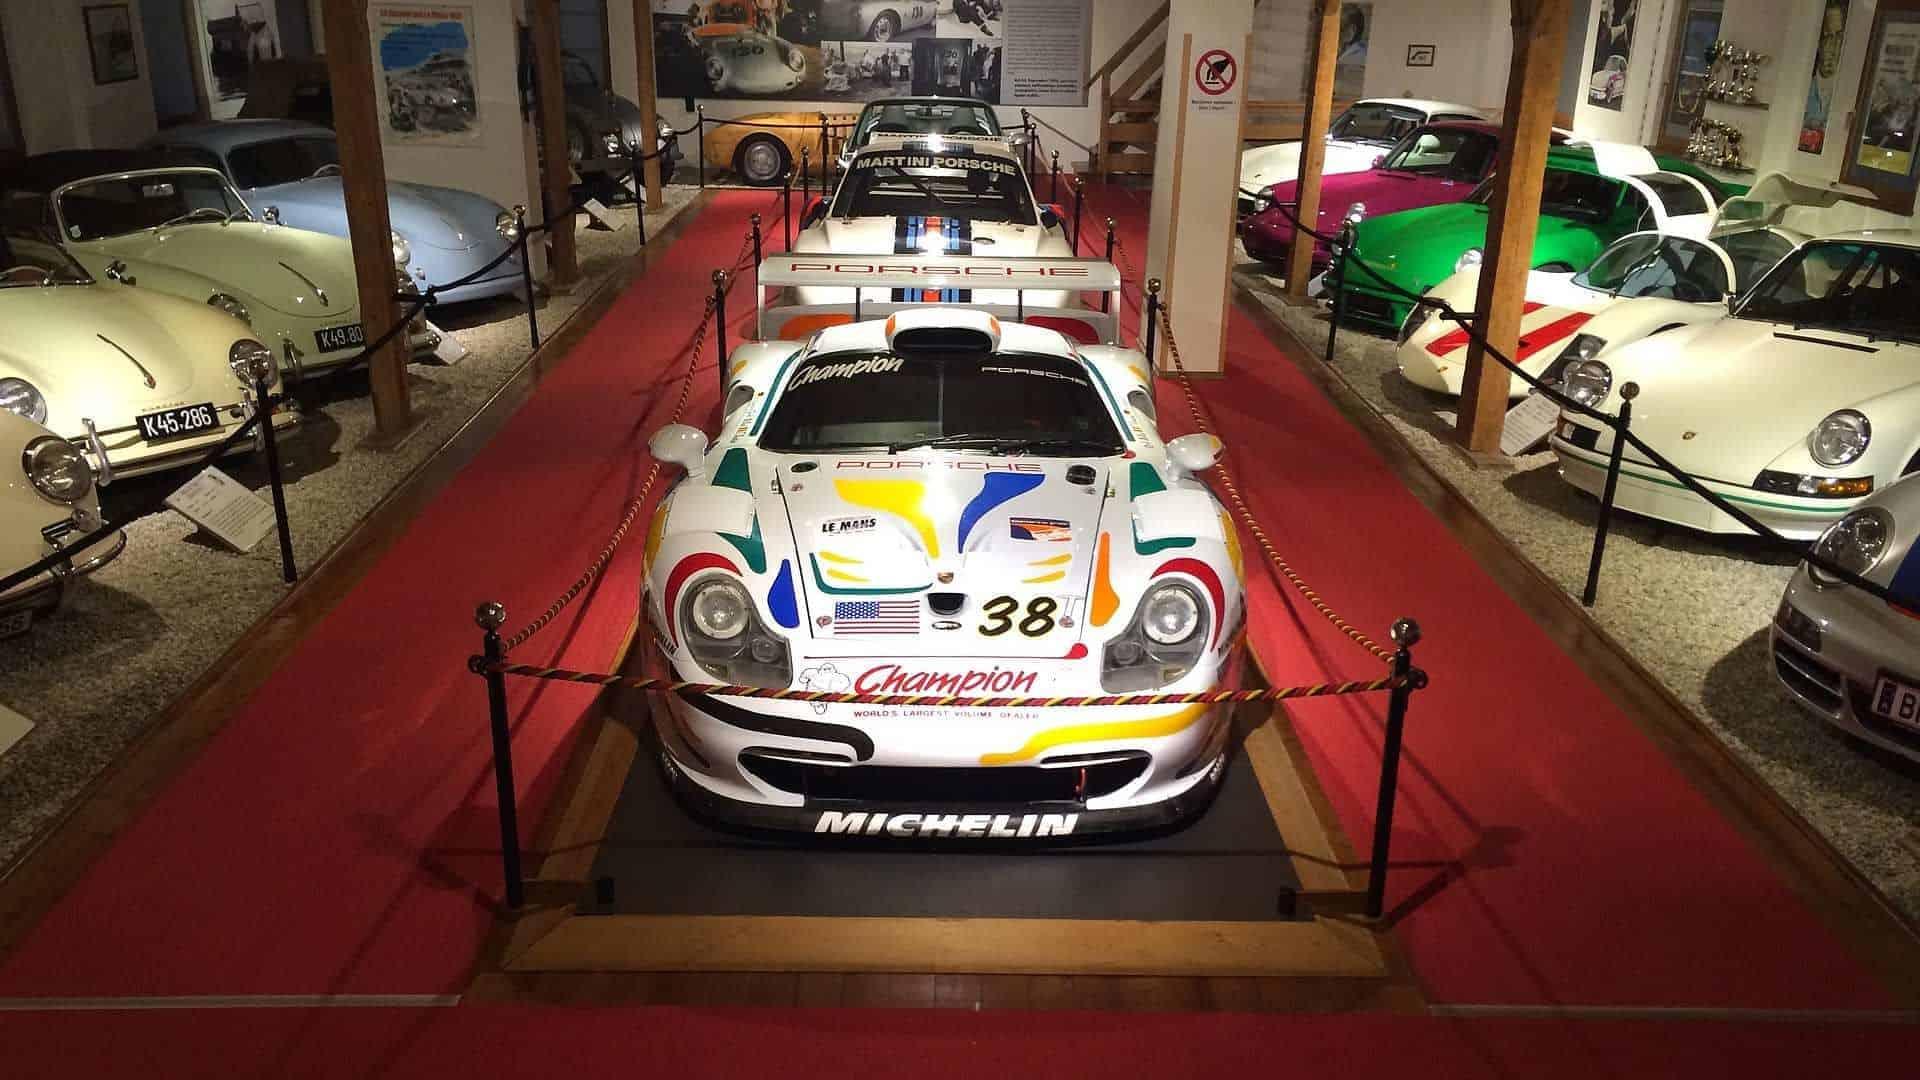 Porsche Museum Gmünd - Ausflugsziel in Österreich, Kärnten